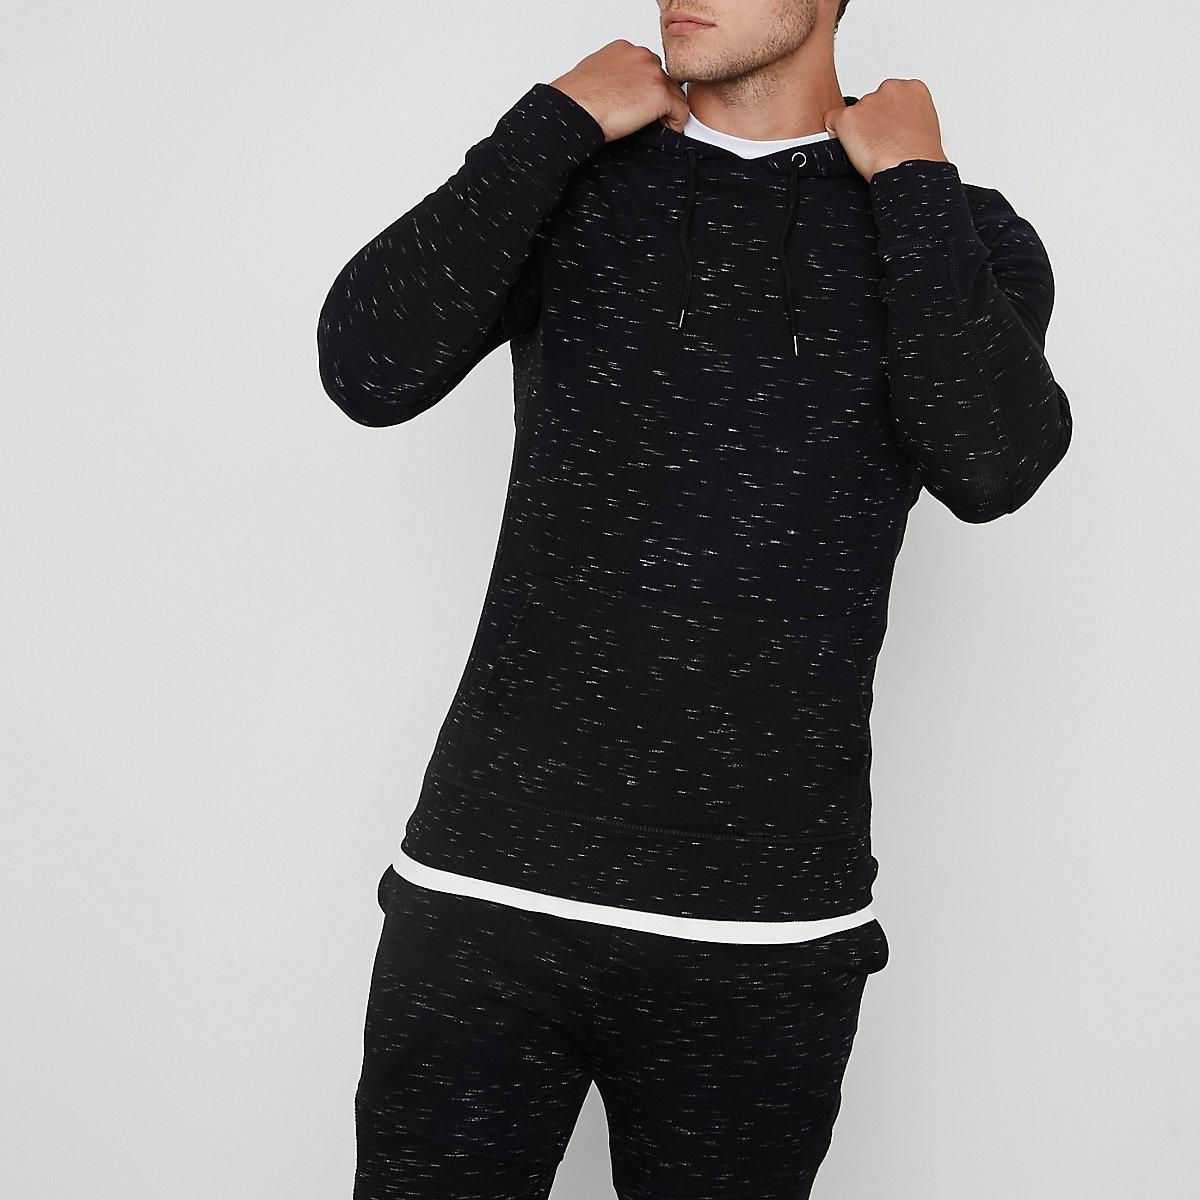 Black long sleeve muscle fit hoodie